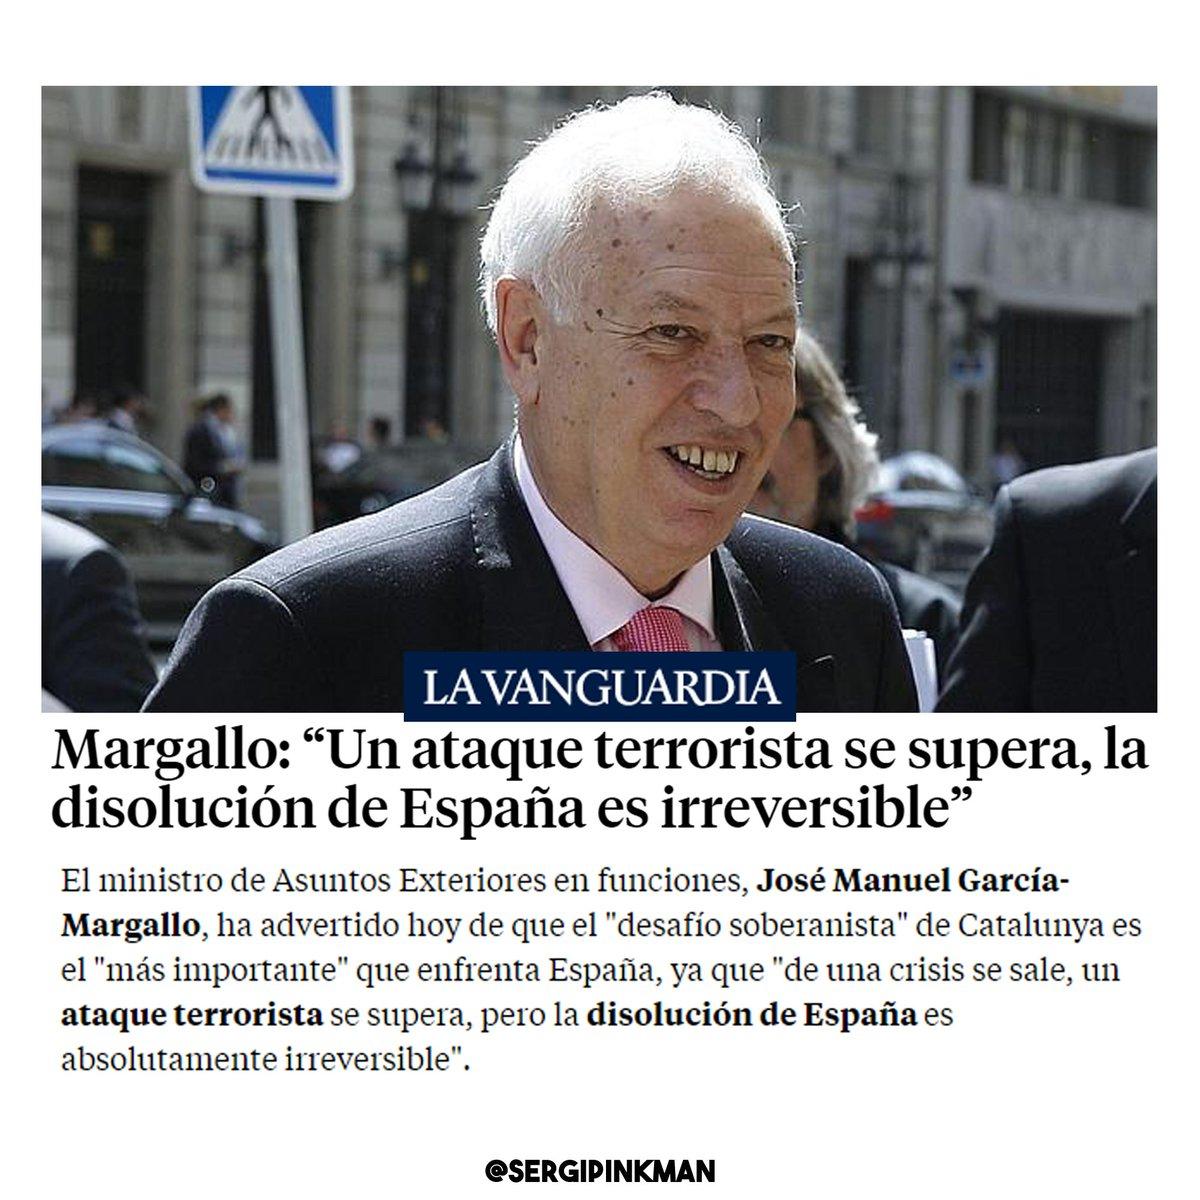 Sergi Pinkman On Twitter La Cosa No Acaba Ahí Si No Es Un Atentado De Falsa Bandera Se Parece Mucho Margallo Dijo Que Un Ataque Terrorista Se Supera La Disolución De España